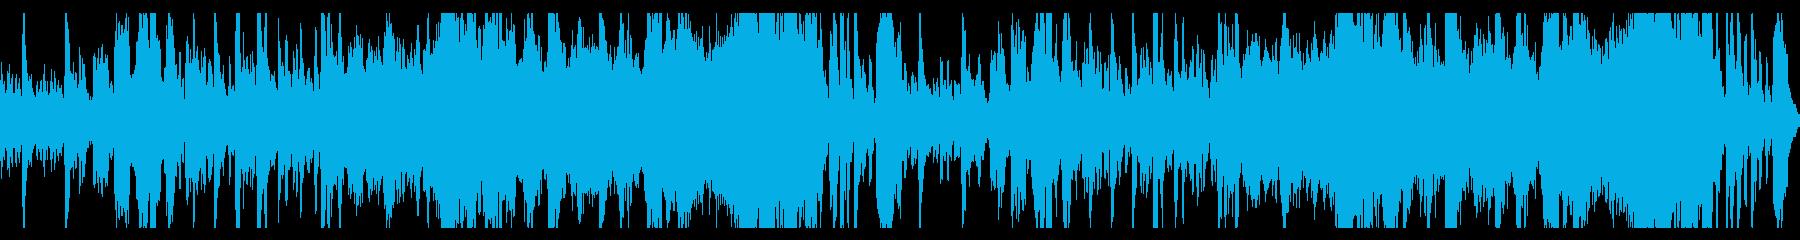 【ファンタジー】暗く落ち着いたワルツの再生済みの波形